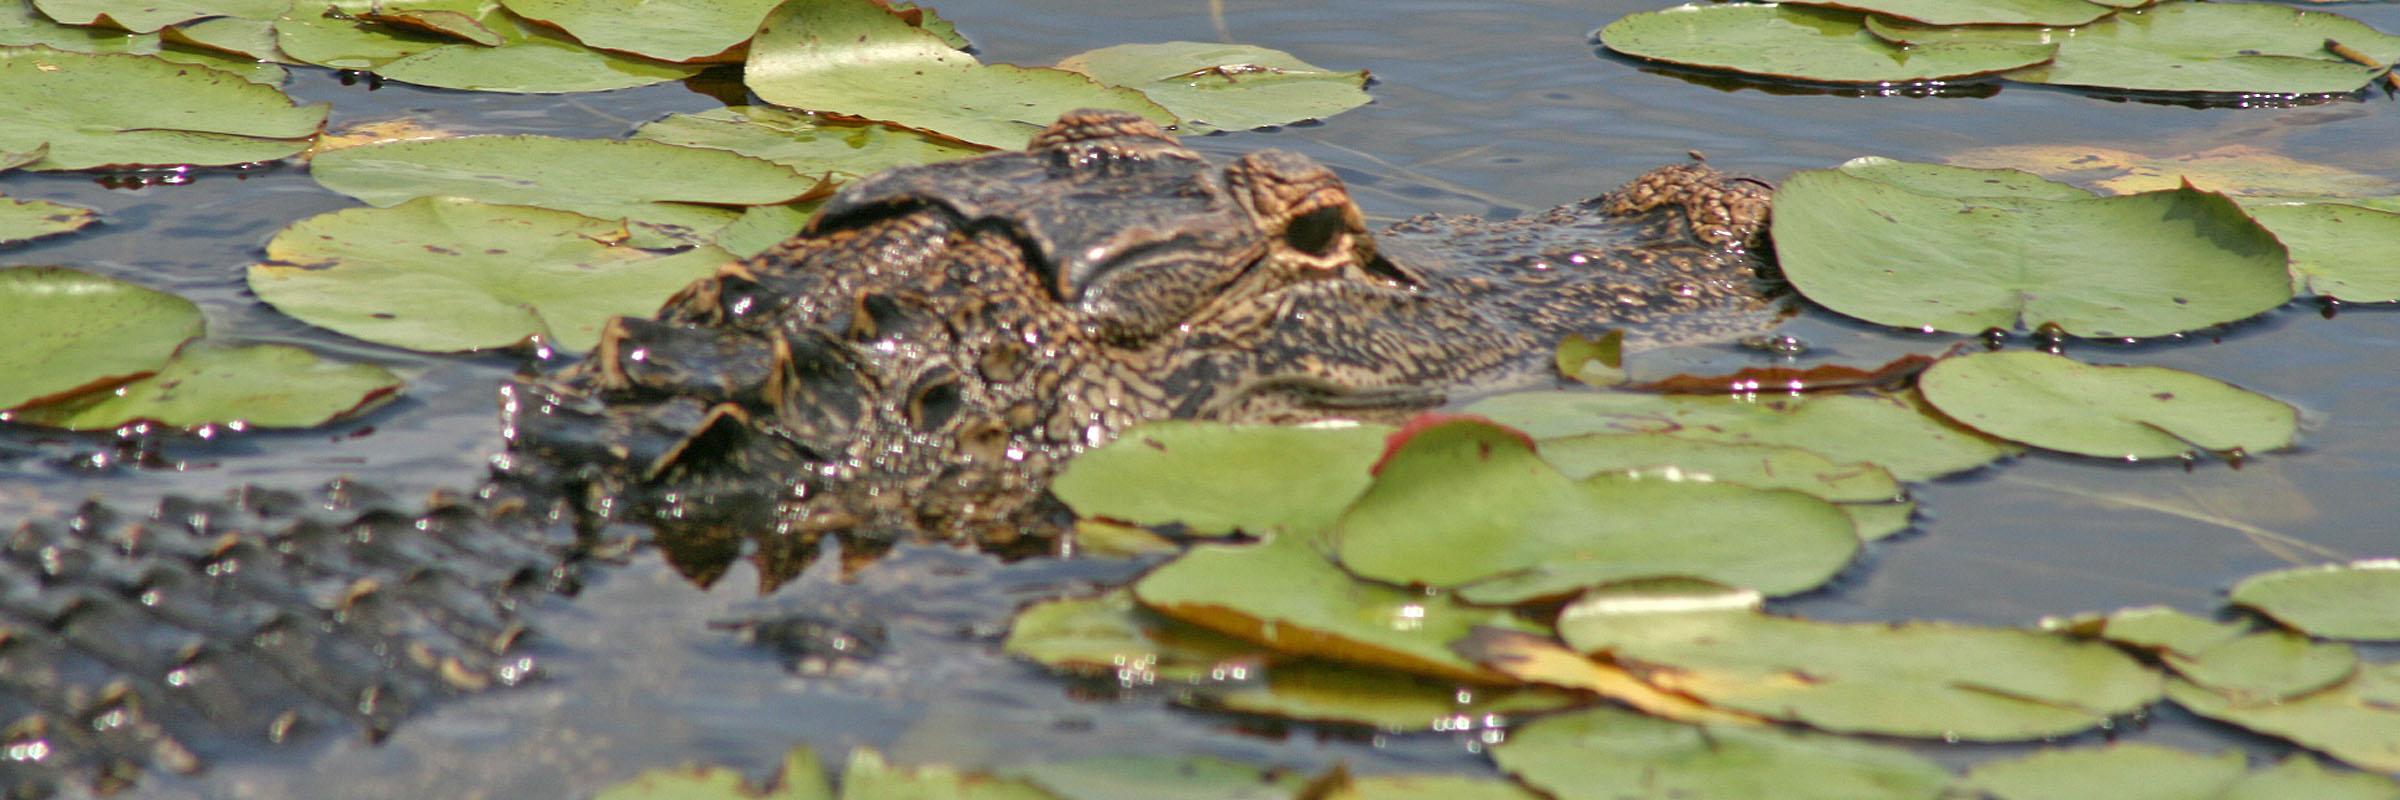 alligator-2-2400